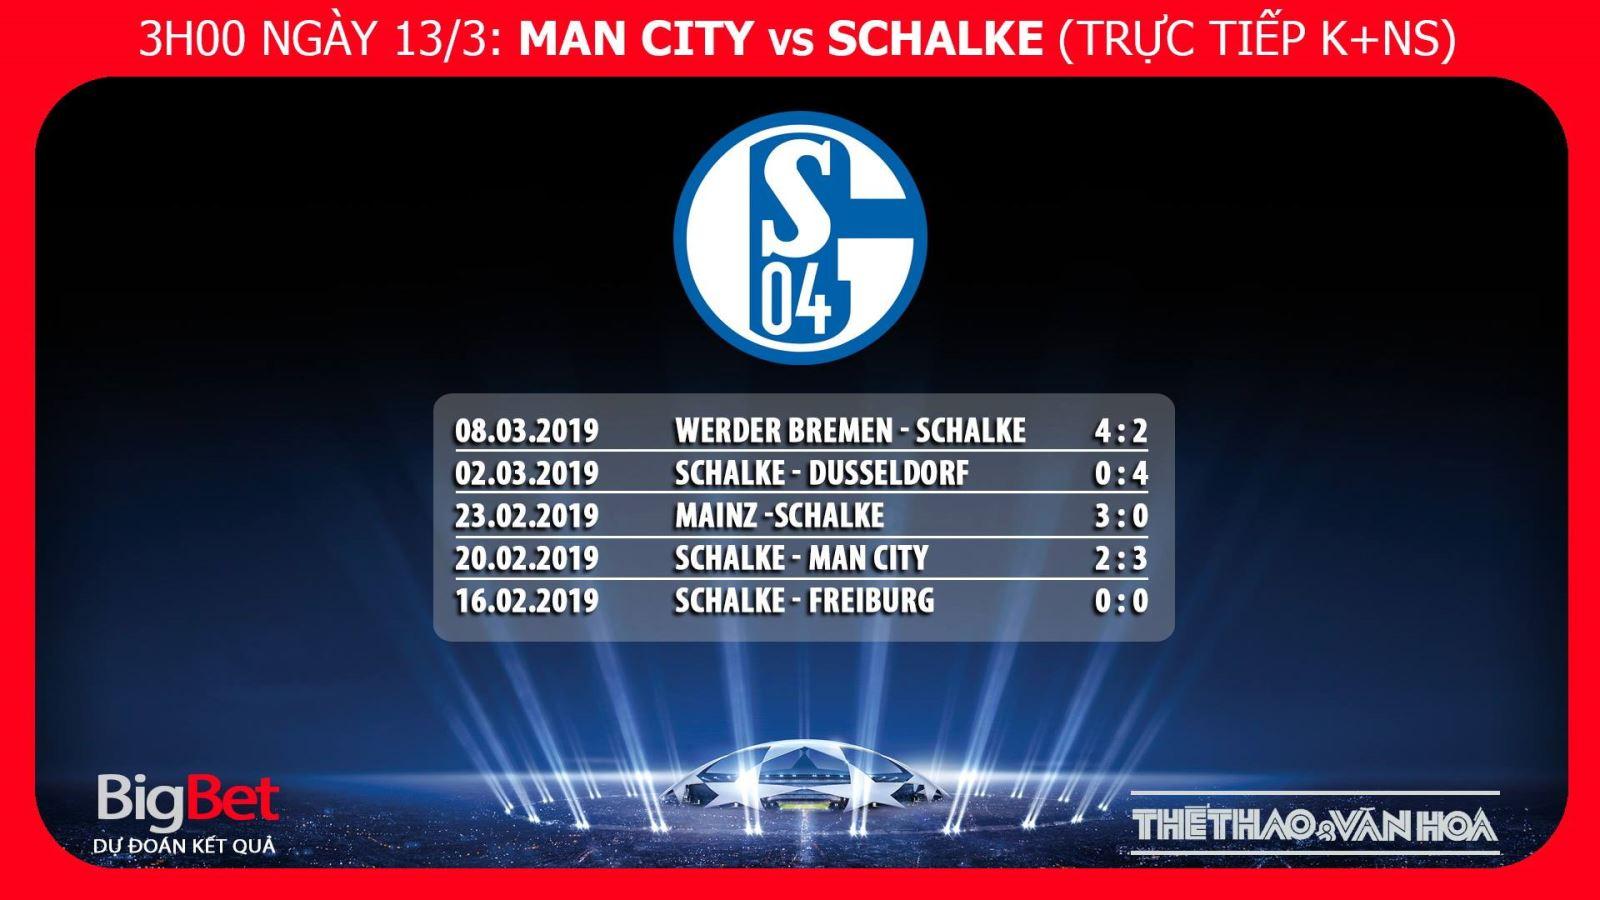 Manchester City, Man City, Man City vs Schalke, trực tiếp bóng đá, Man City vs Schalke, truc tiep bong da, soi kèo Man City vs Schalke, kèo Man City vs Schalke, kèo bóng đá, nhận định Man City vs Schalke, dự đoán bóng đá